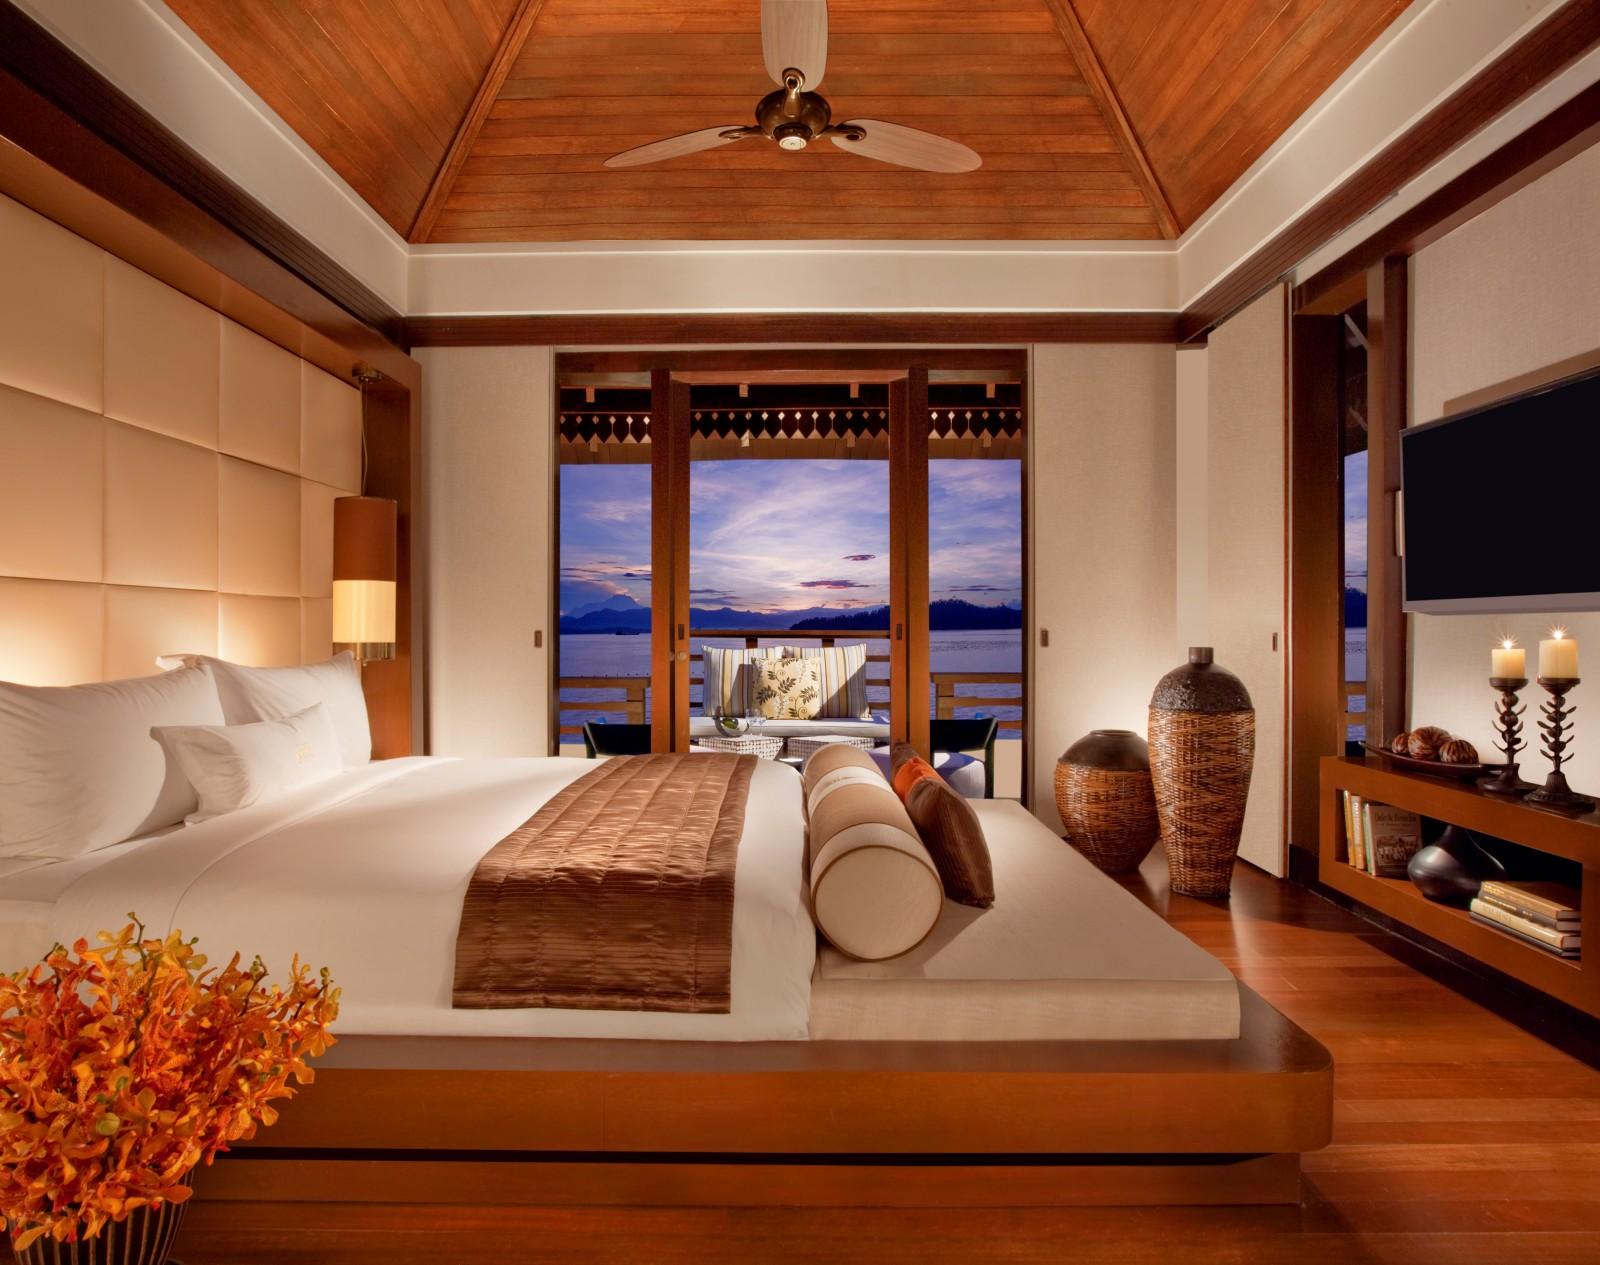 gaya-island-resort-villa-interior-jpg.jpg